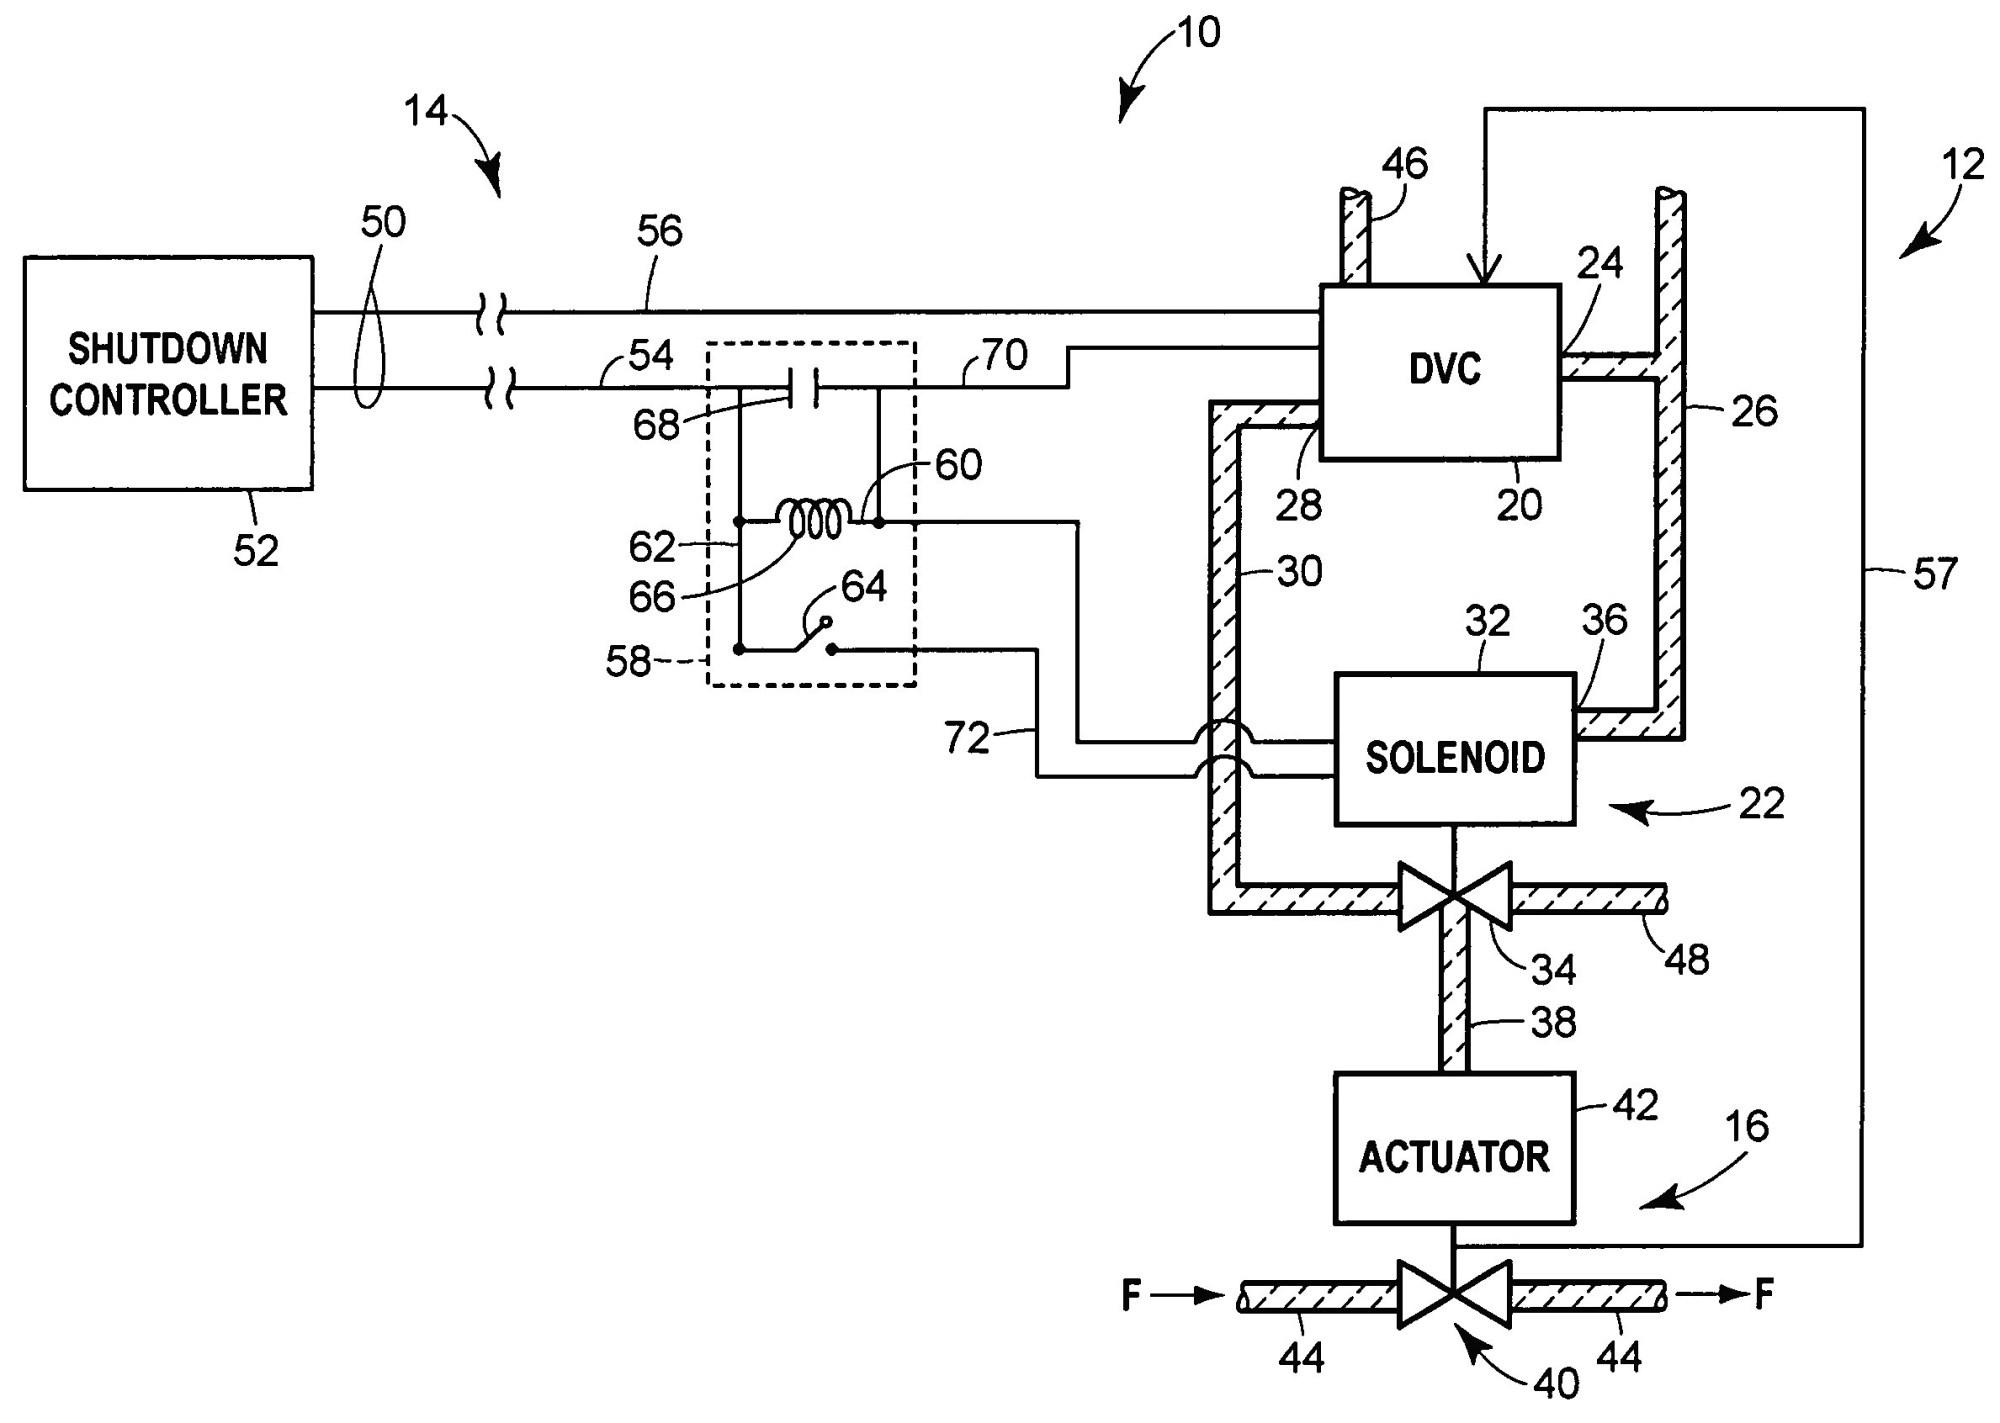 hight resolution of dump trailer pump wiring diagram sure trac dump trailer wiring diagram 2018 fancy dump trailer